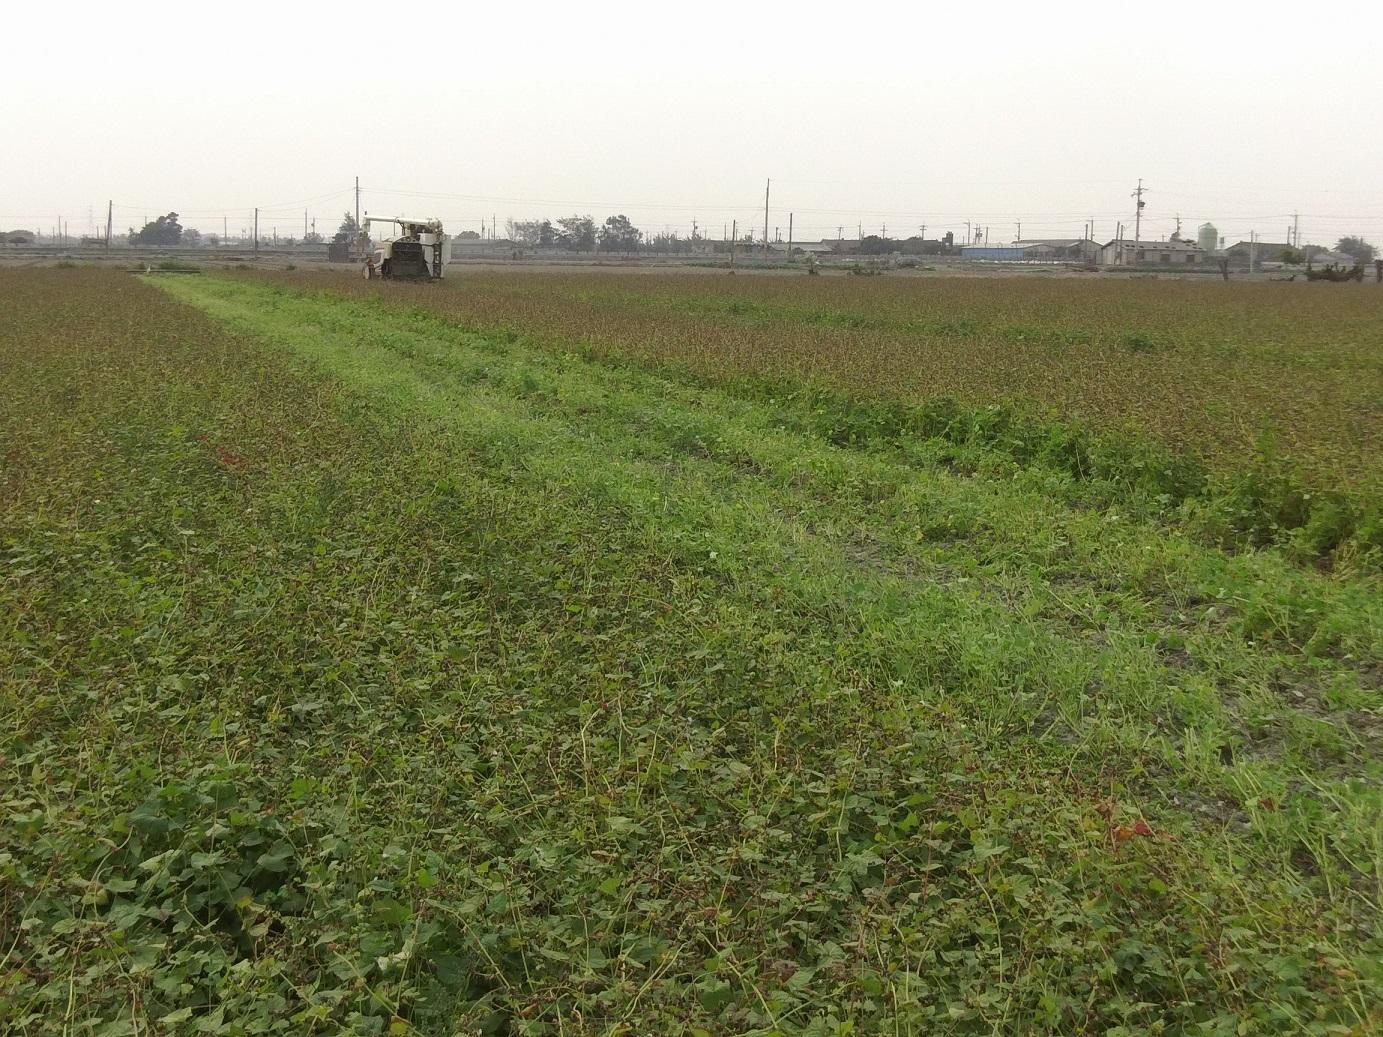 之後,在台灣區雜糧發展基金會經費補助下,開始研發適合在台灣種植的蕎麥品種。